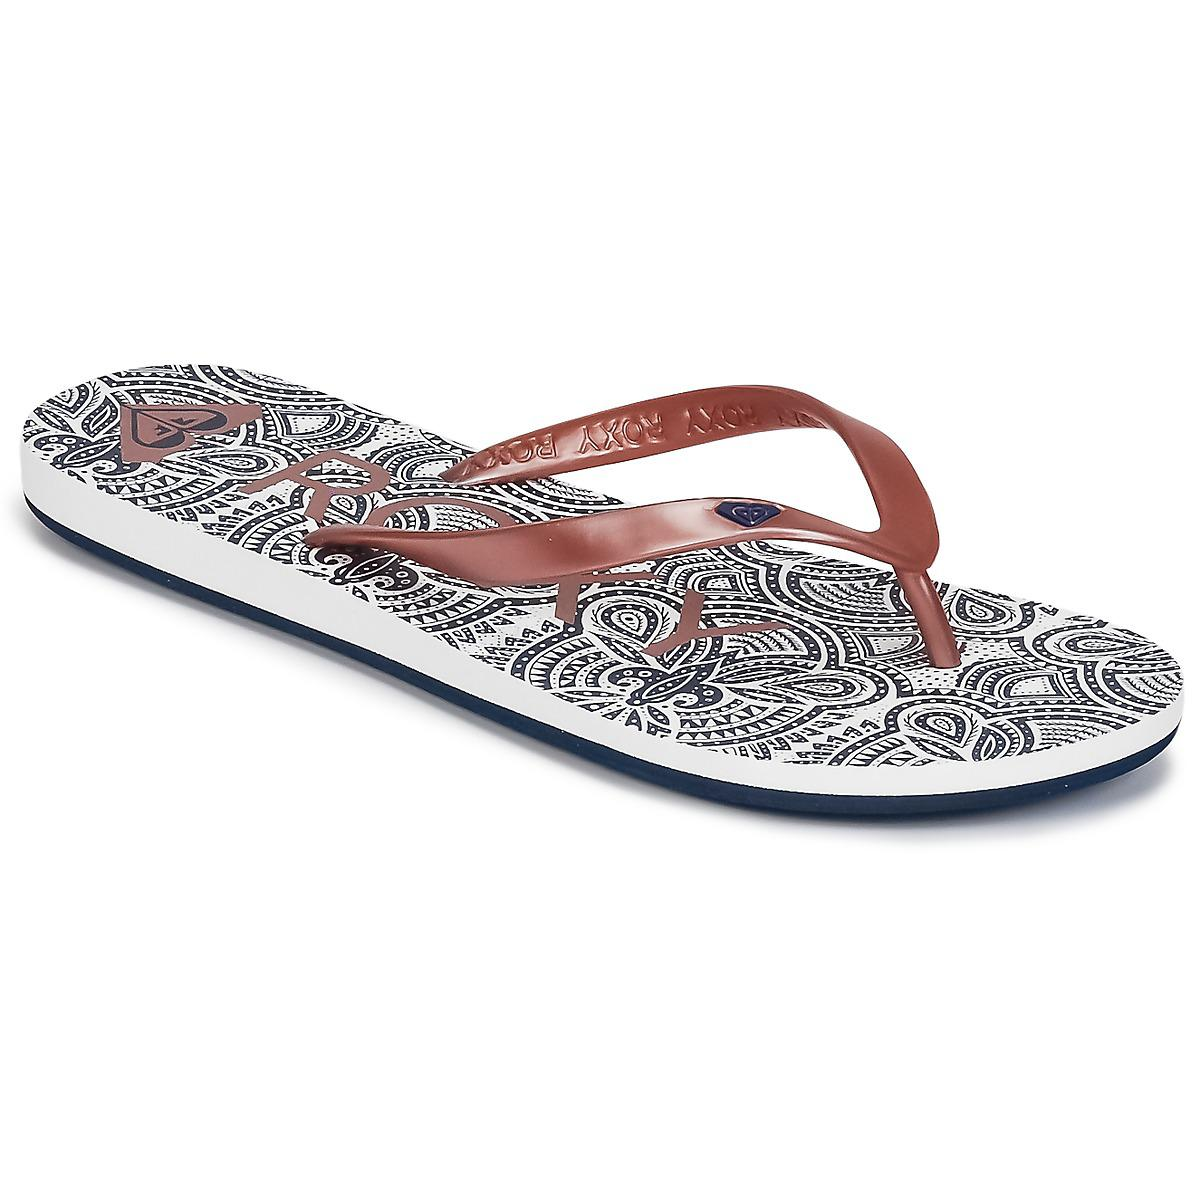 120752f4fd5f21 Roxy Tahiti Vi J Sndl Rsg Women s Flip Flops   Sandals (shoes) In ...